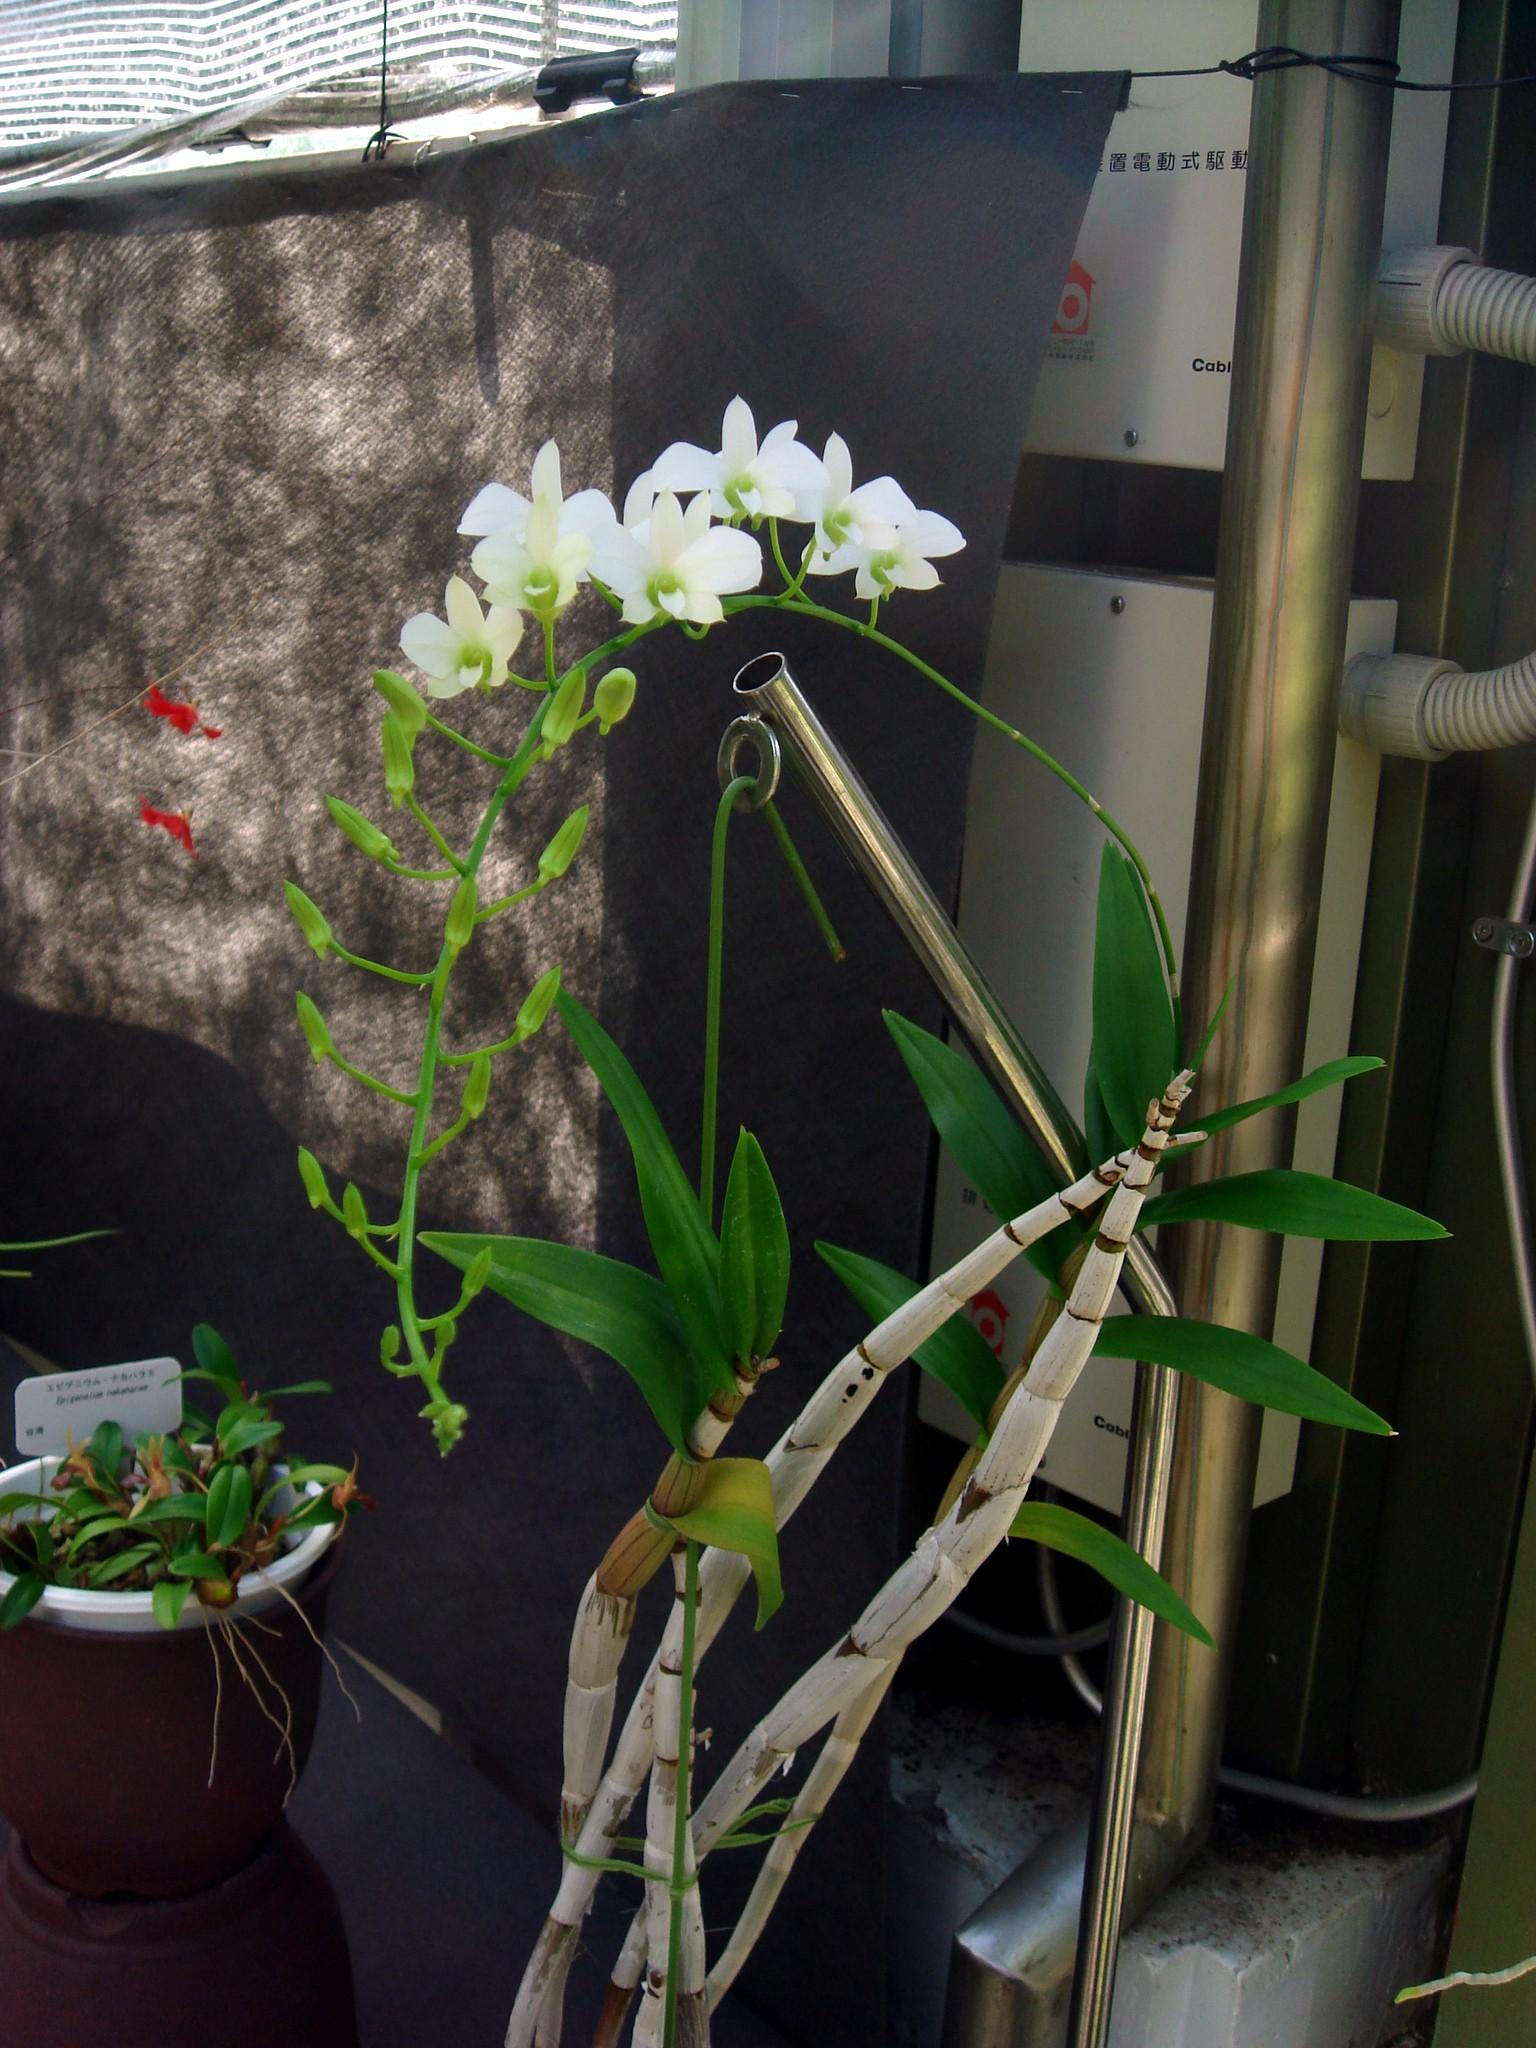 http://orchids.la.coocan.jp/Dendrobium/Dendrobium%20affine/DSC01729.JPG